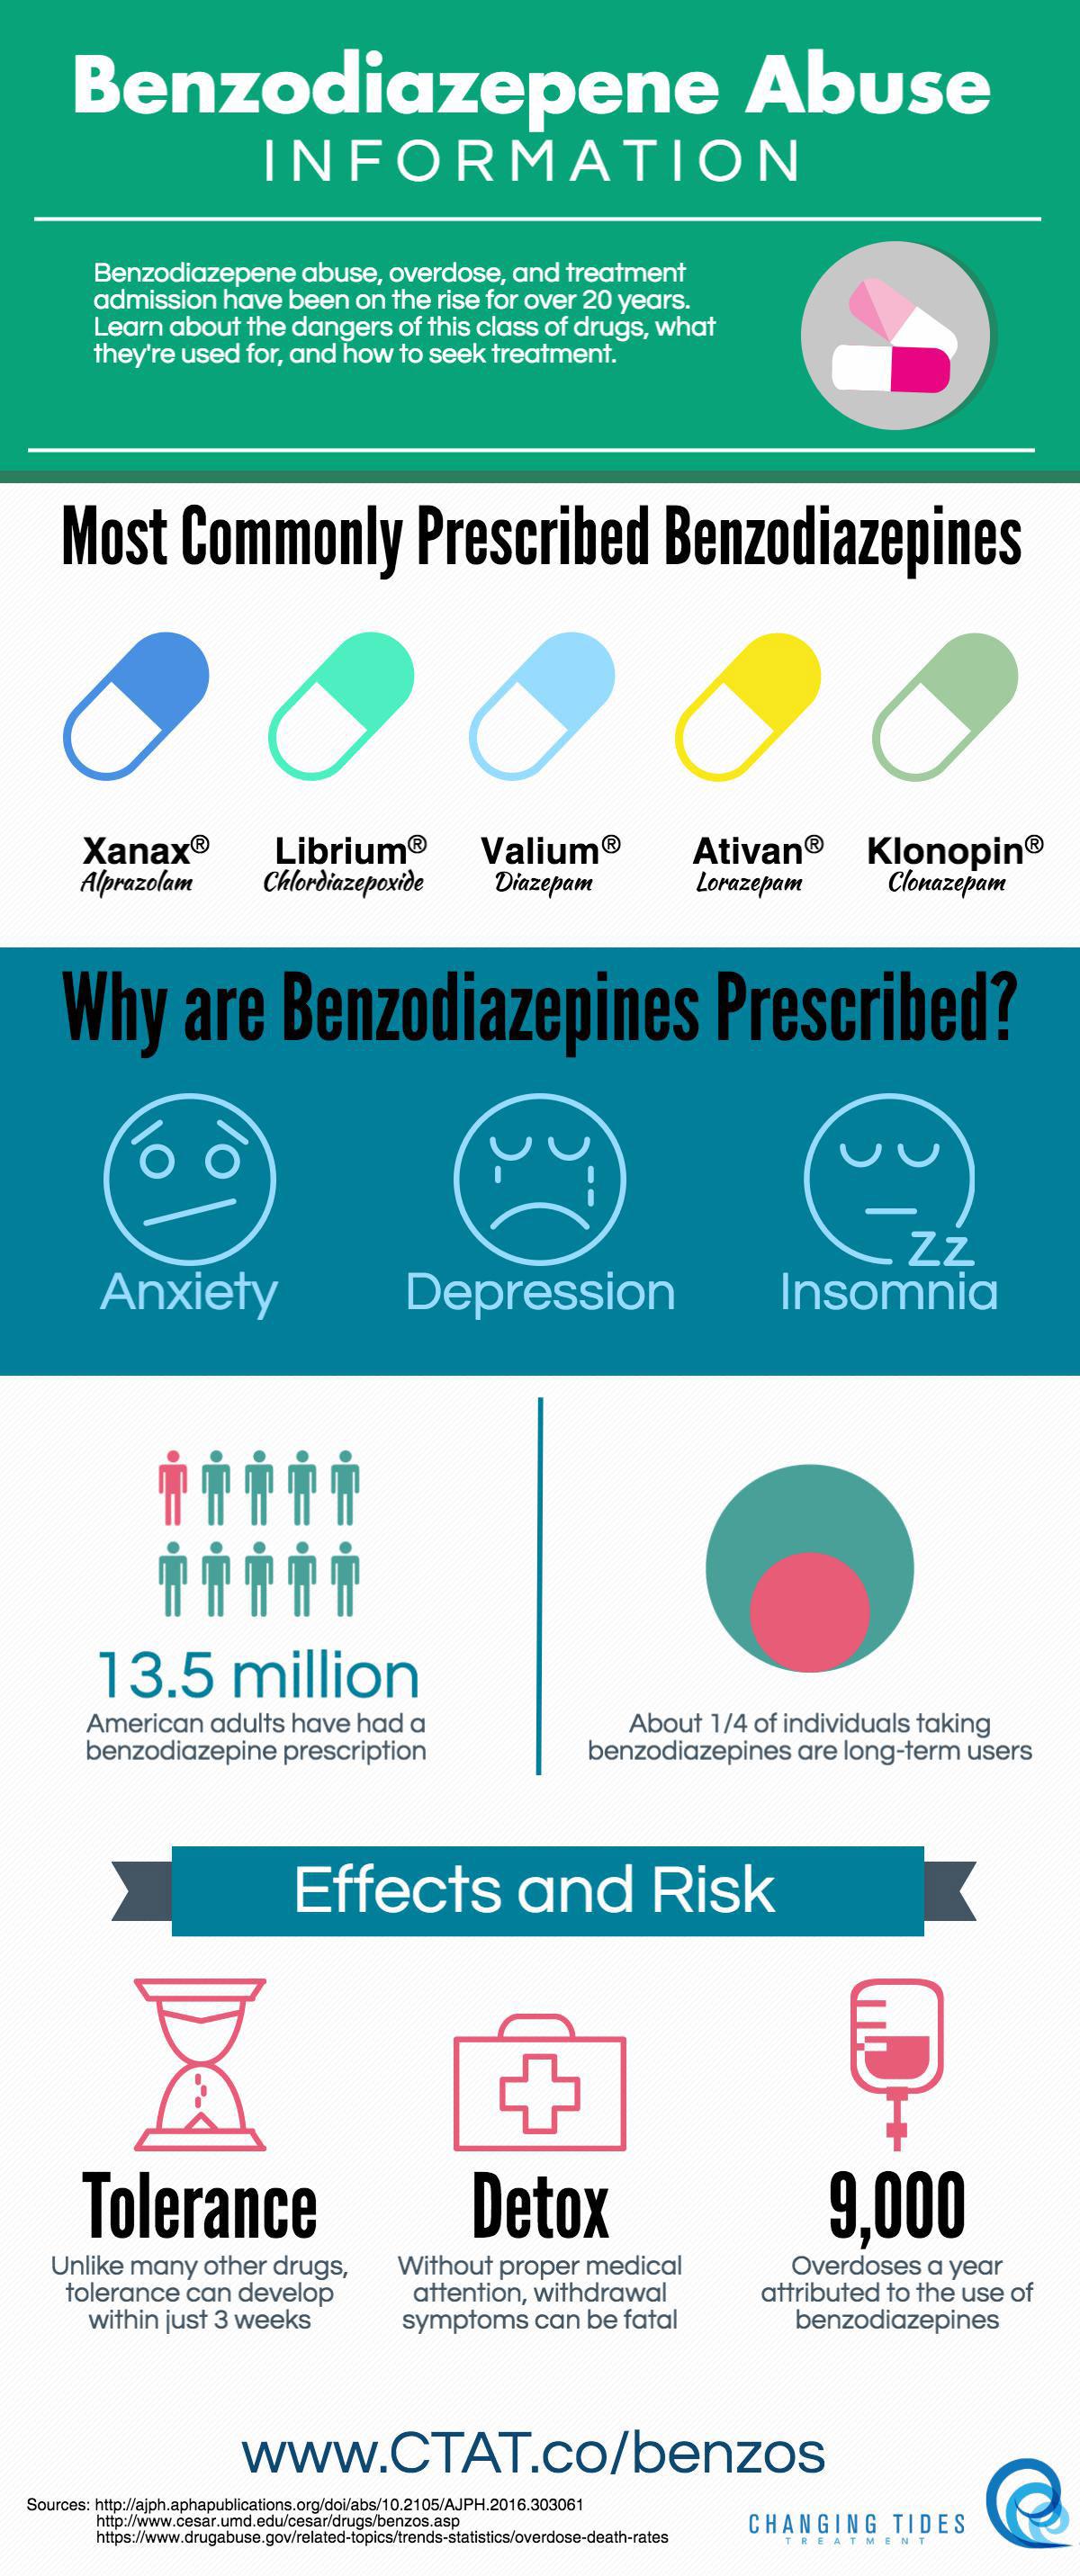 diazepam information benzodiazepines